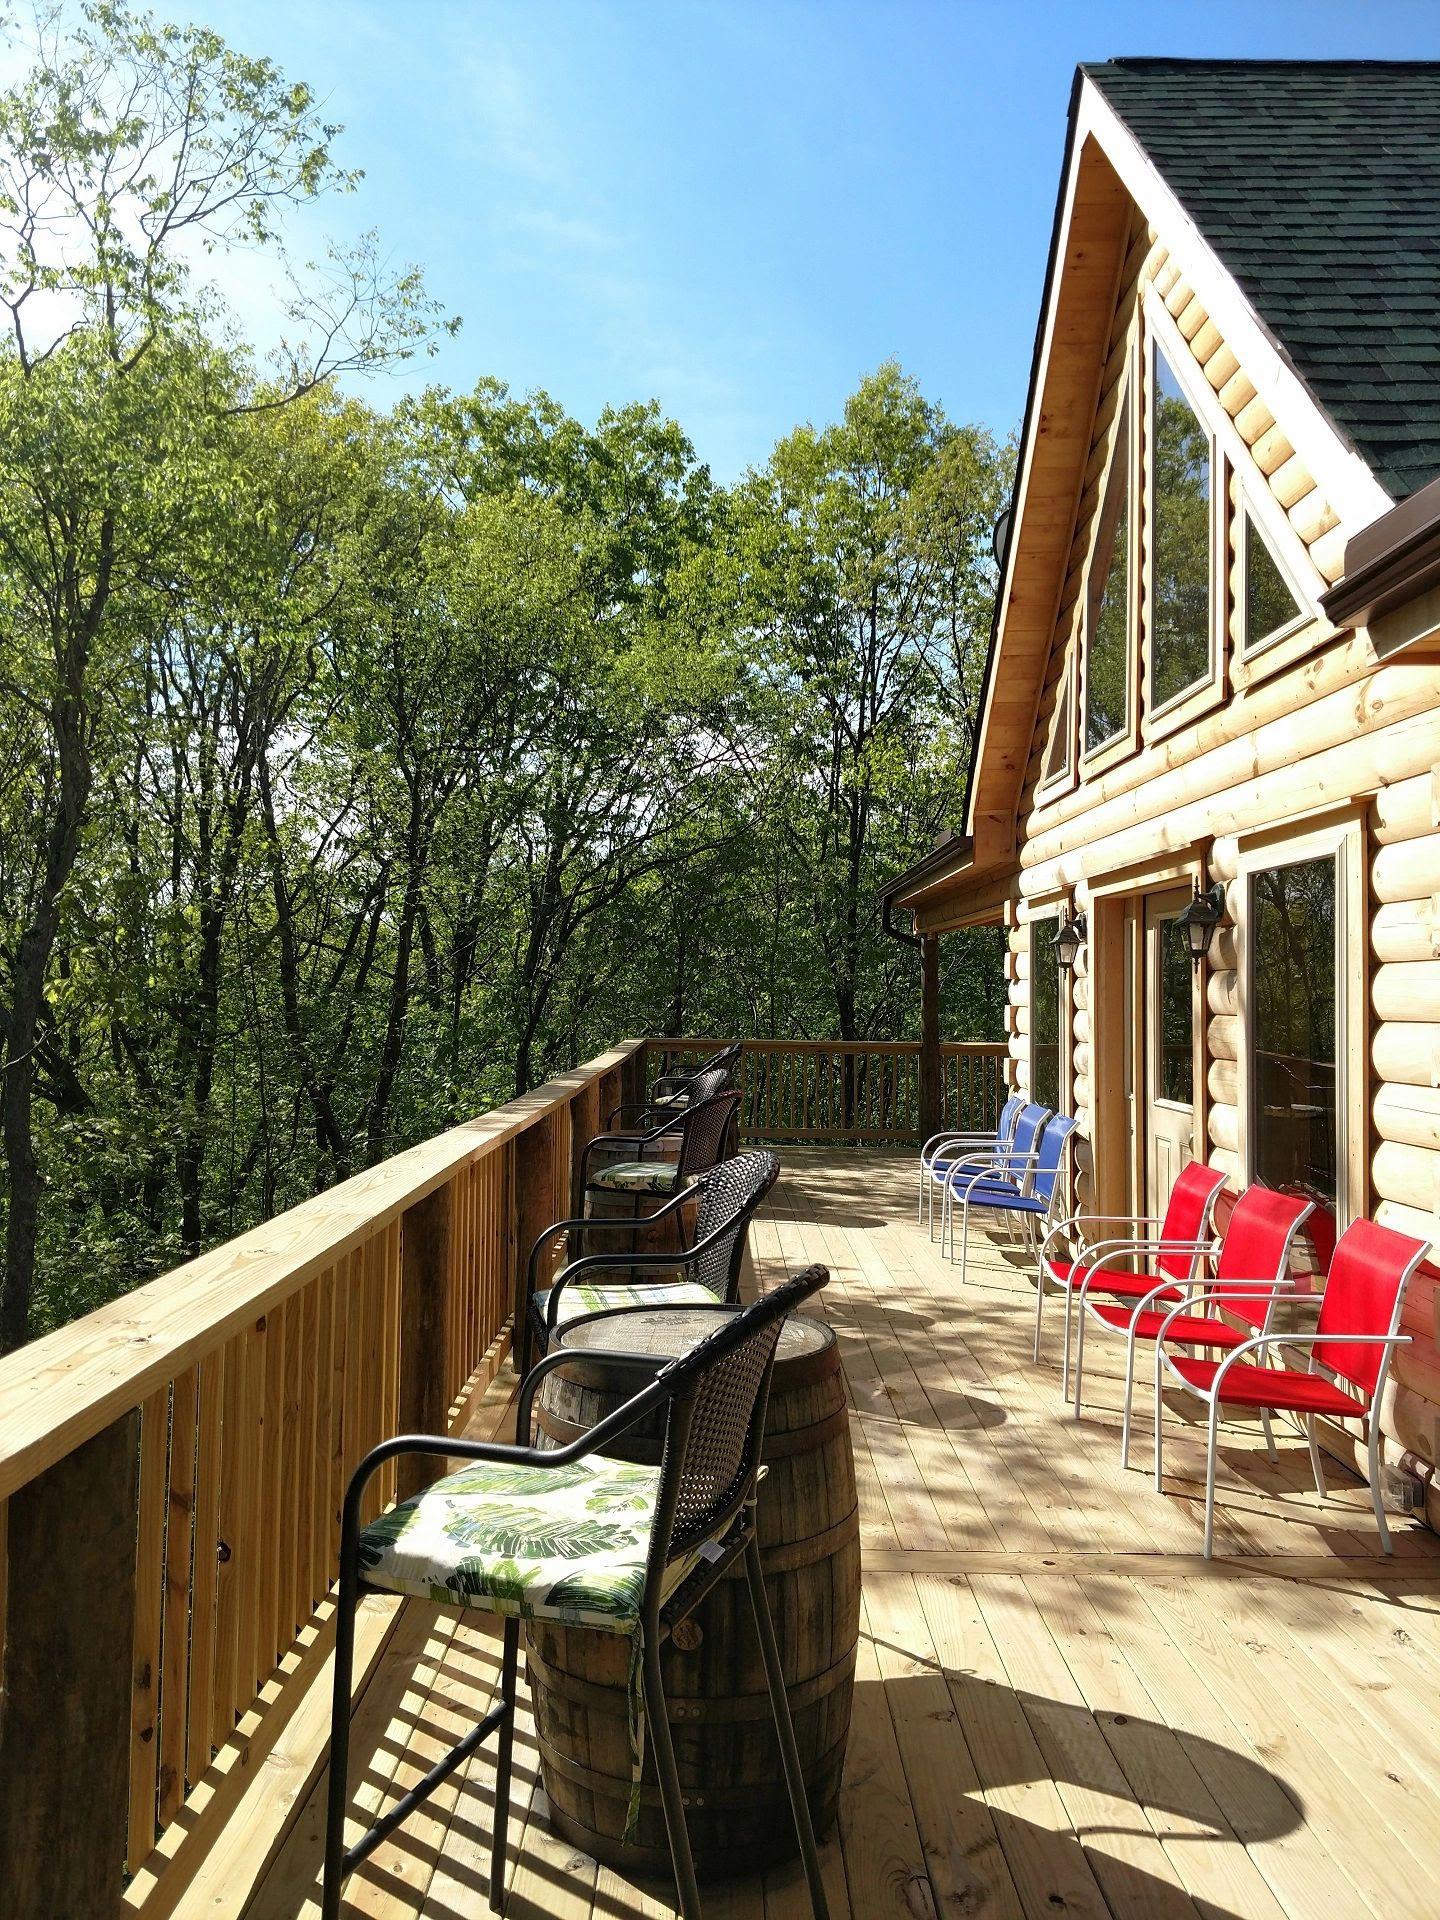 Poconos House Rentals With Pool : poconos, house, rentals, House, Rent:, Poconos